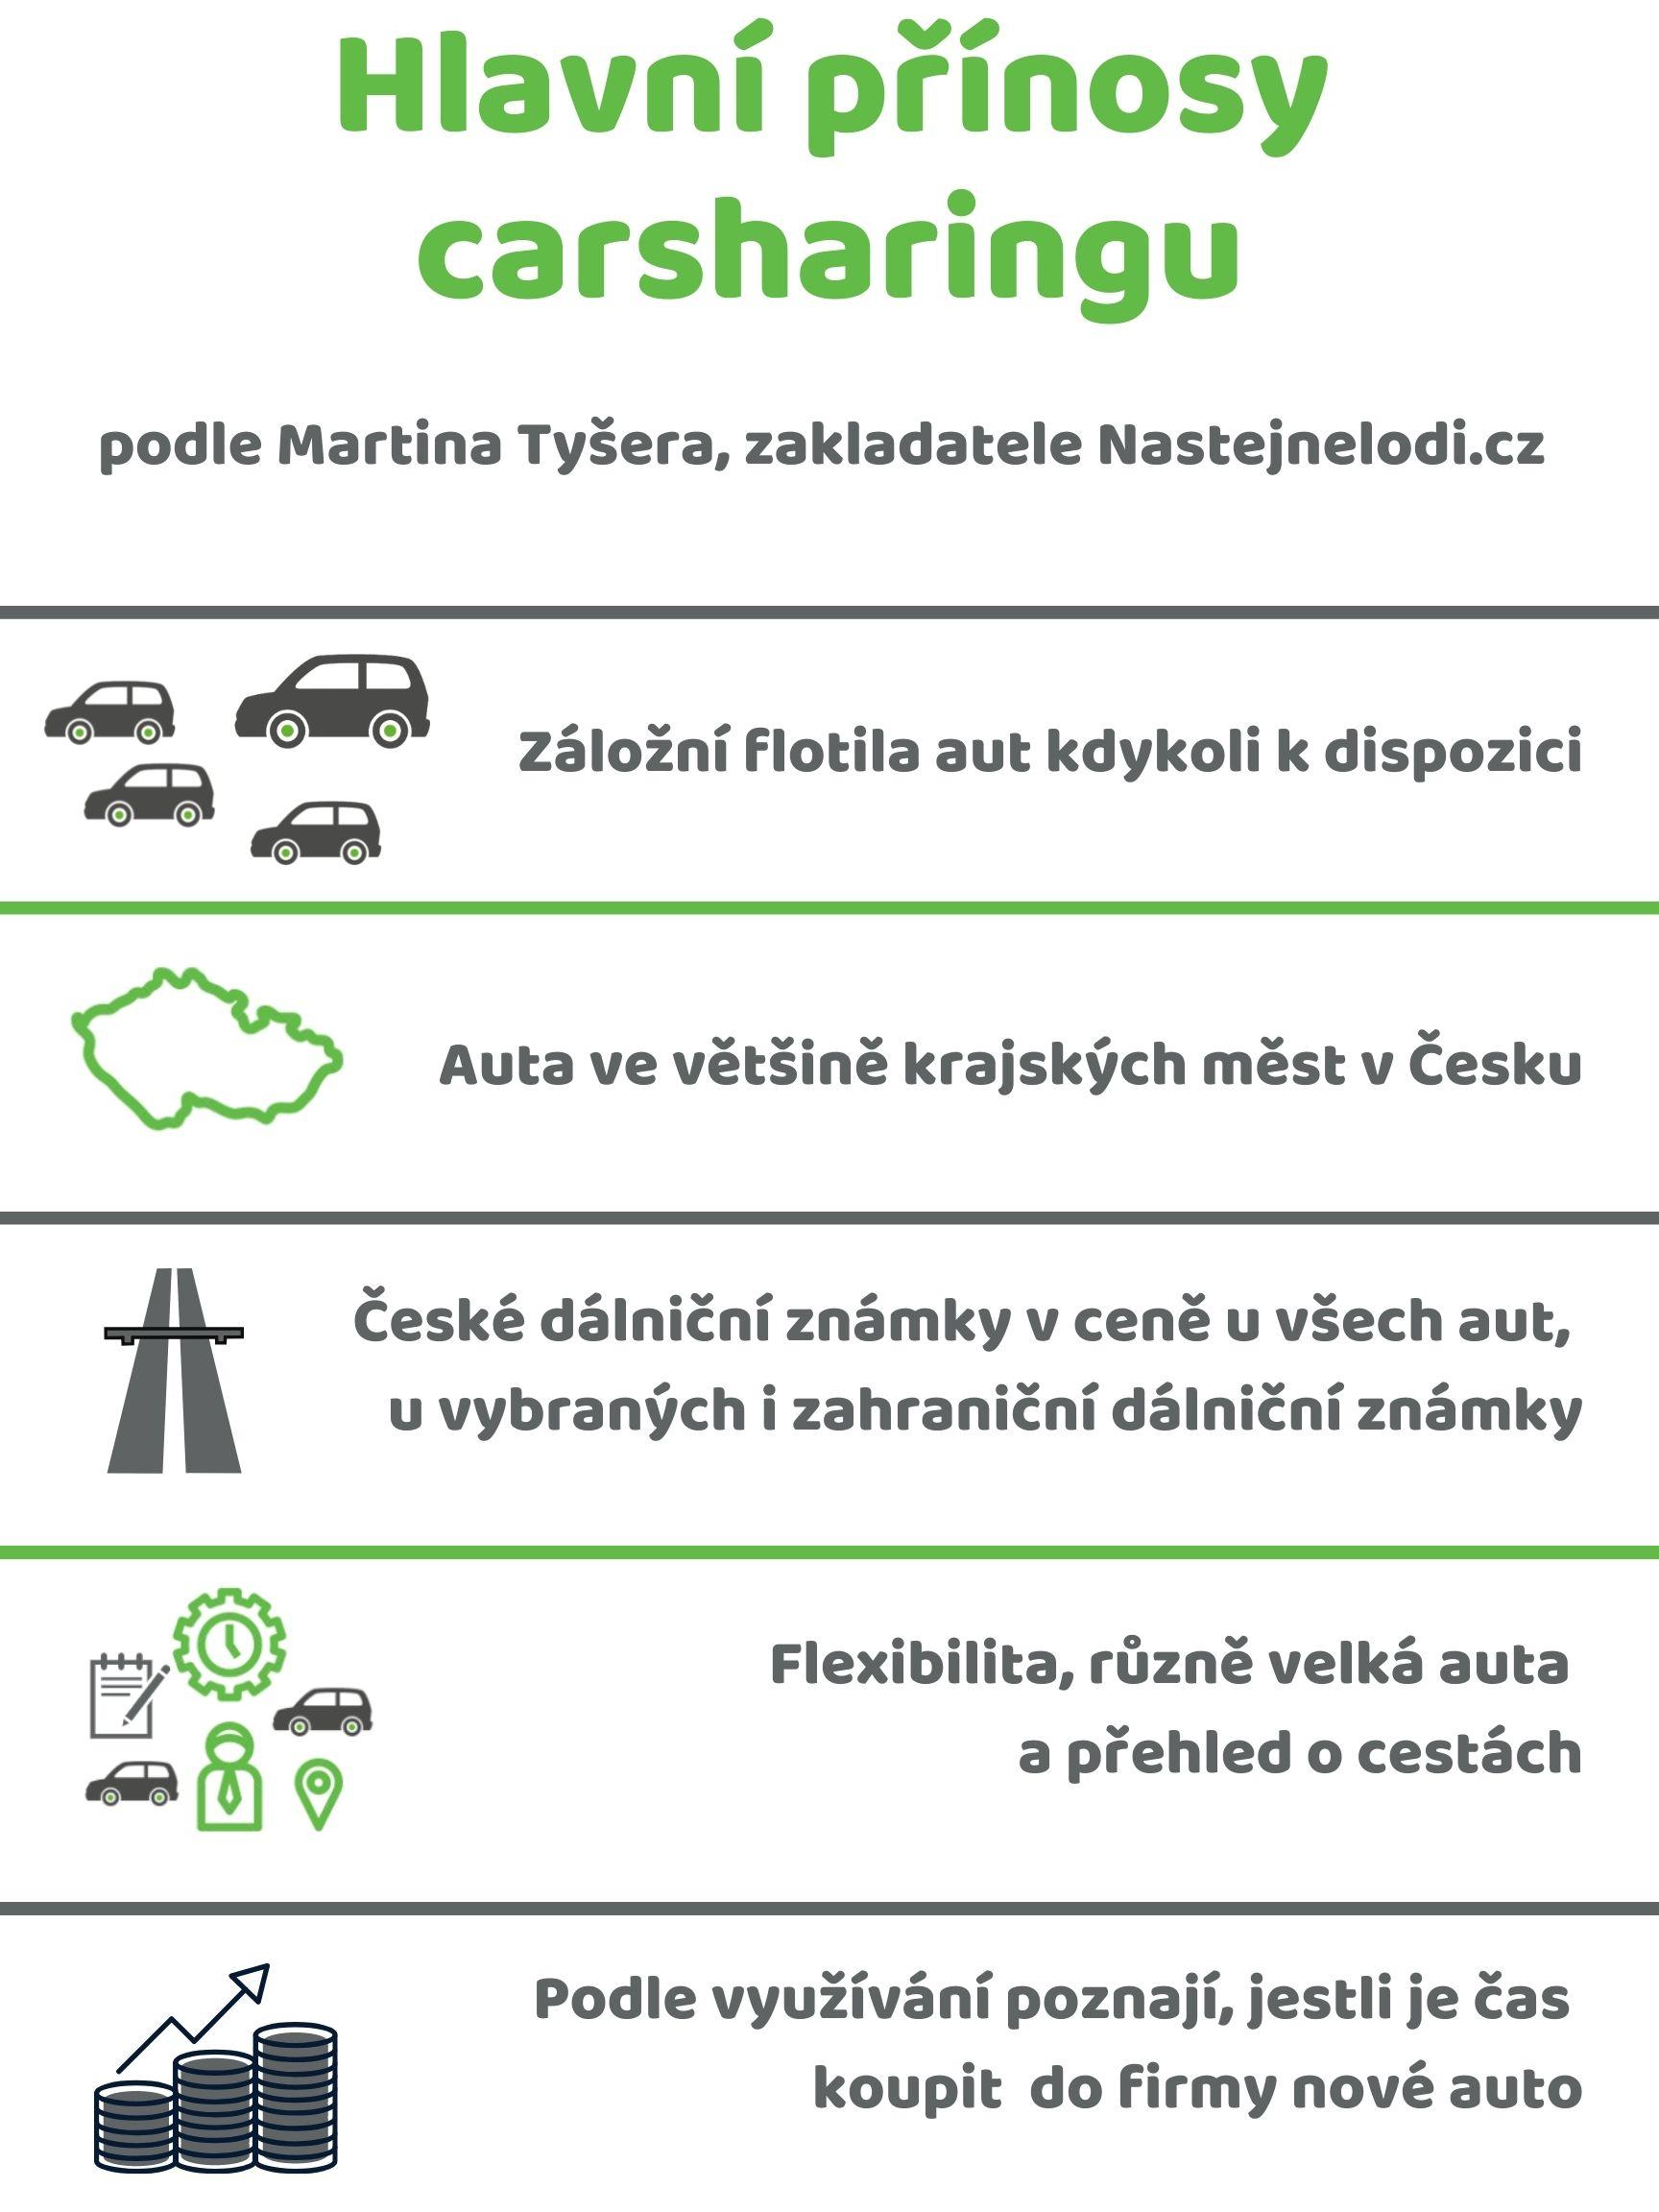 carsharing - záložní flotila aut